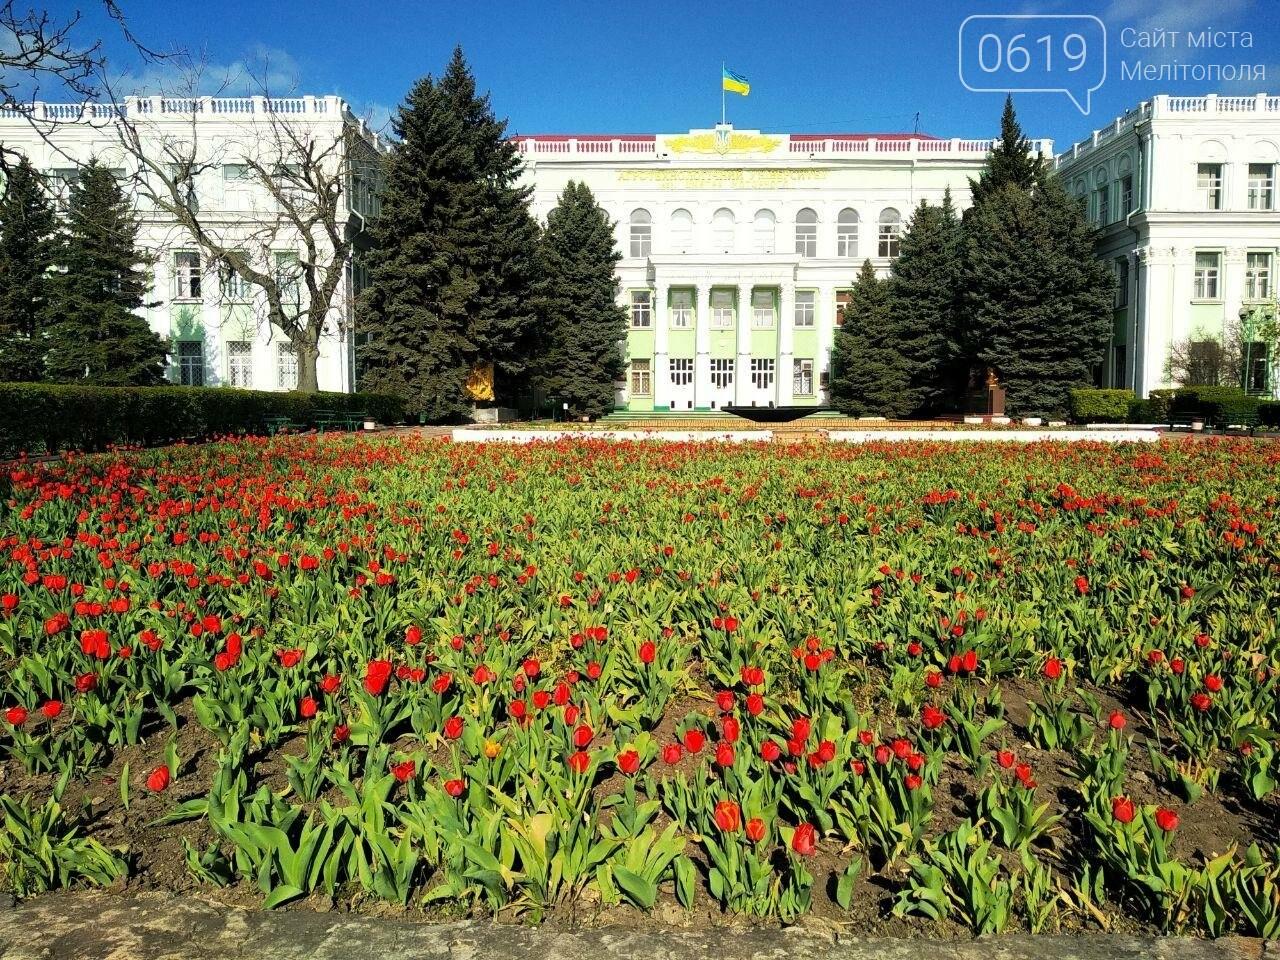 У центрі Мелітополя квітнуть сотні тюльпанів, фото-1